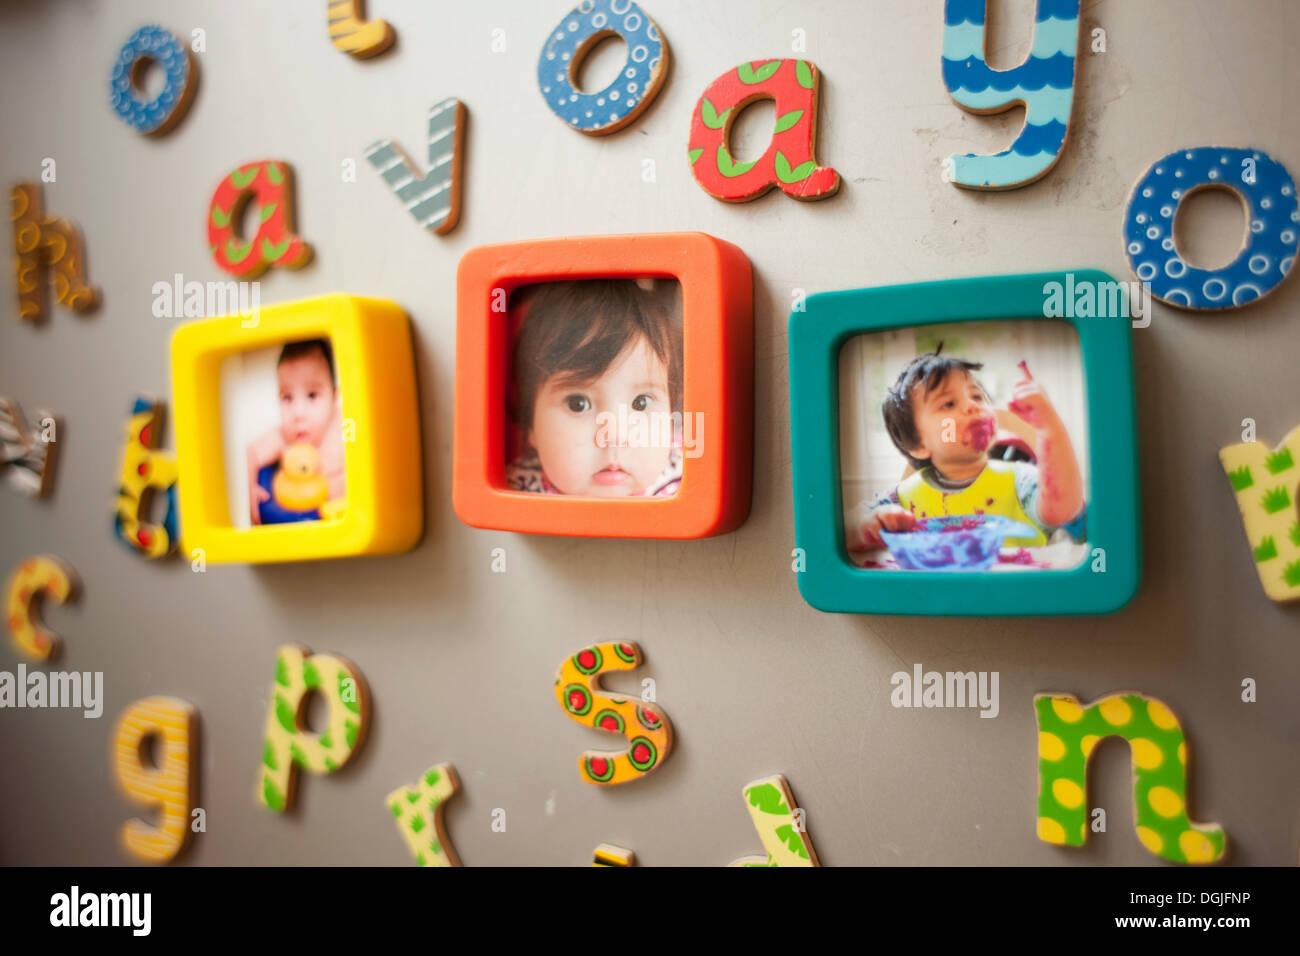 Photos de la petite enfance et de l'image sur le mur Photo Stock